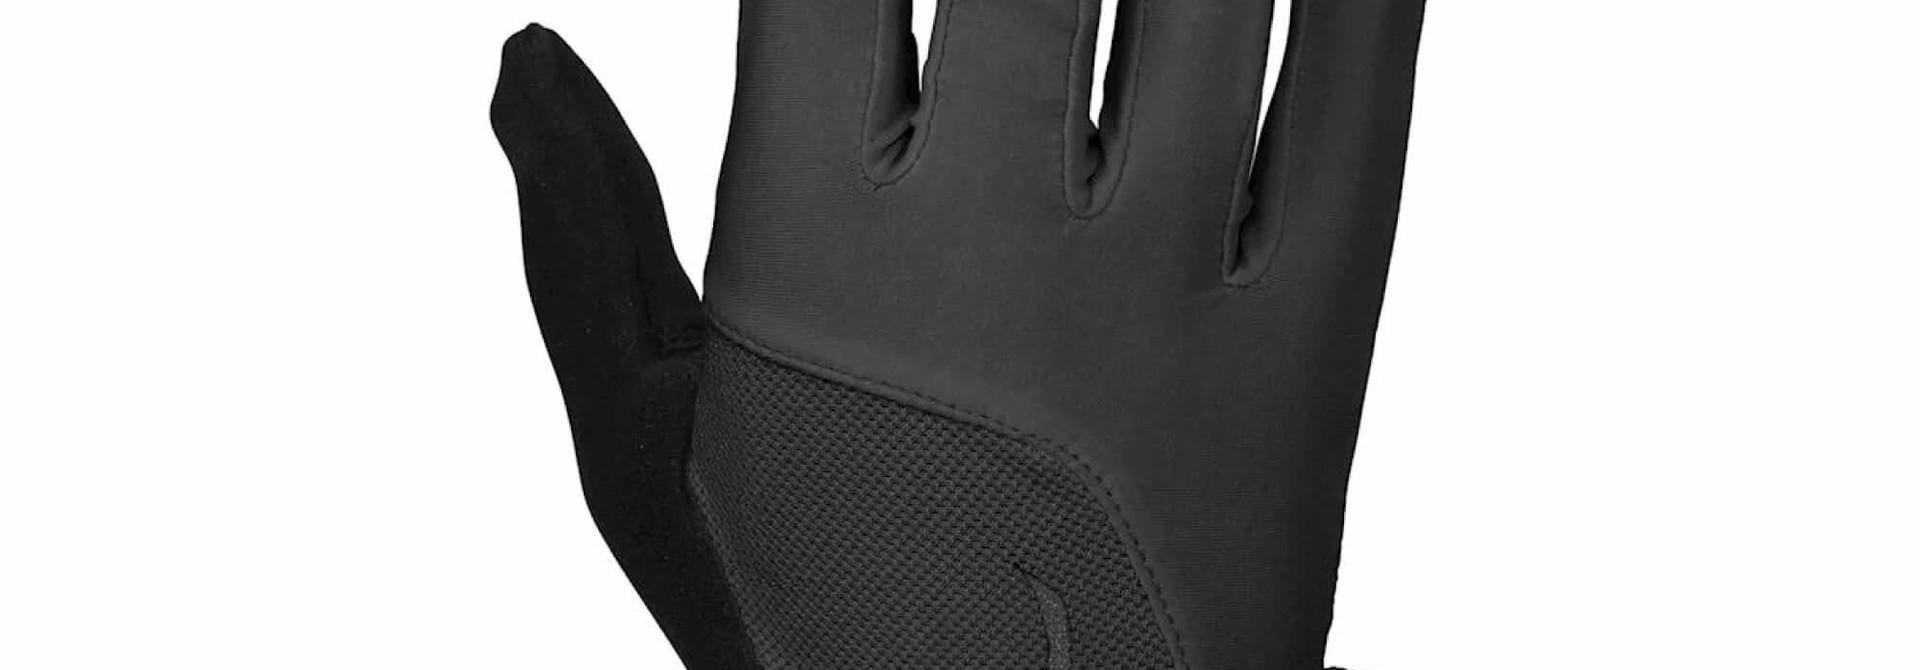 Body Geometry Dual Gel Women's Glove Long Fingers Black